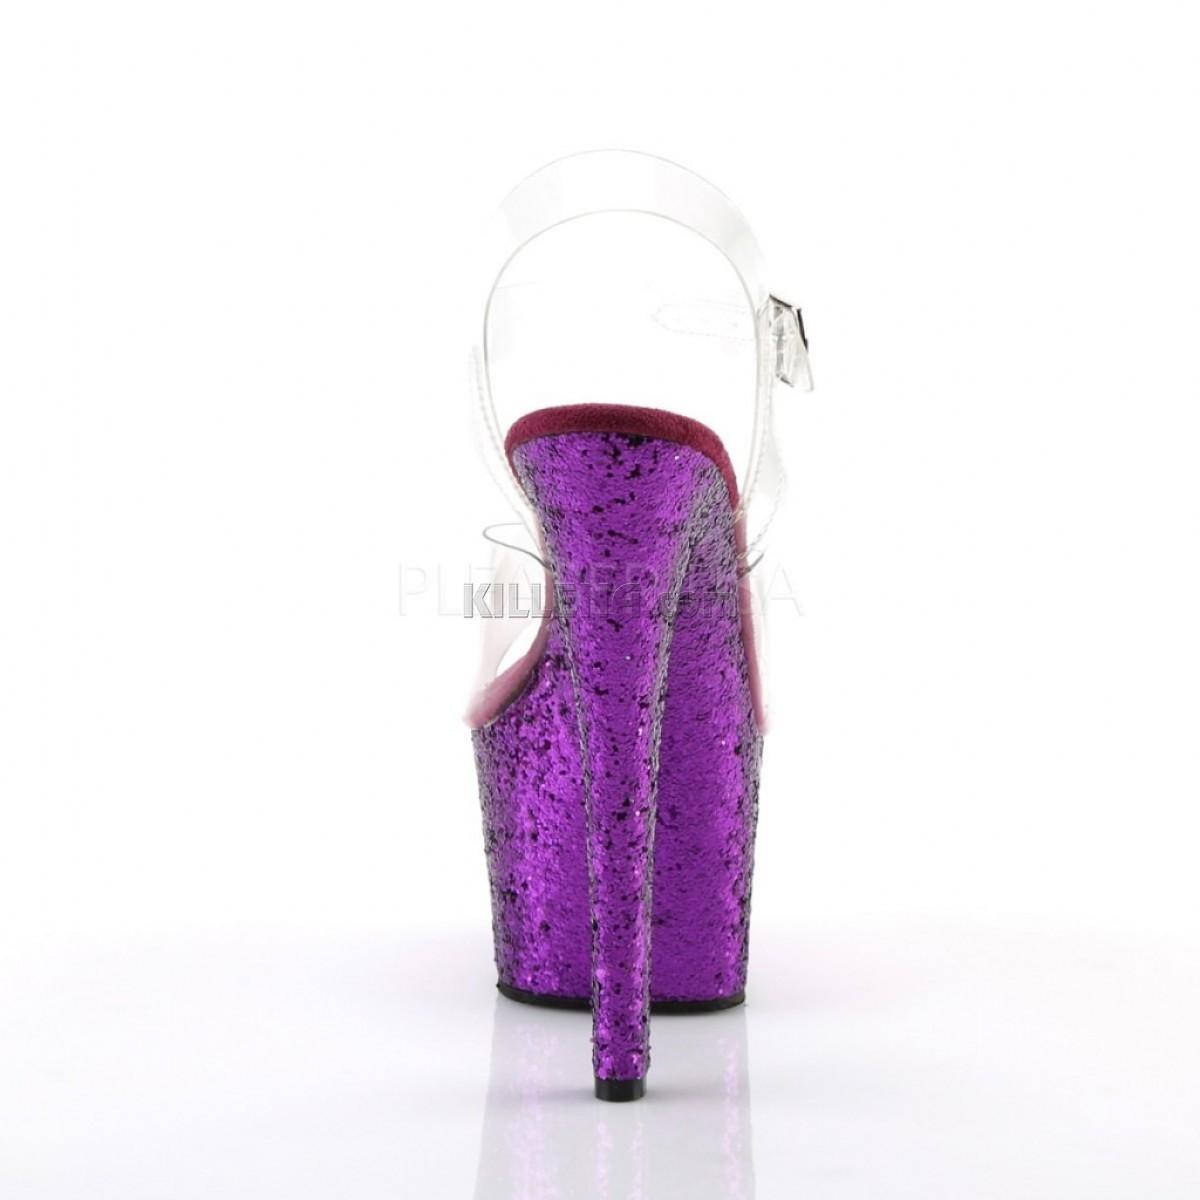 Стрипы двойки, платформа покрыта фиолетовыми блестками